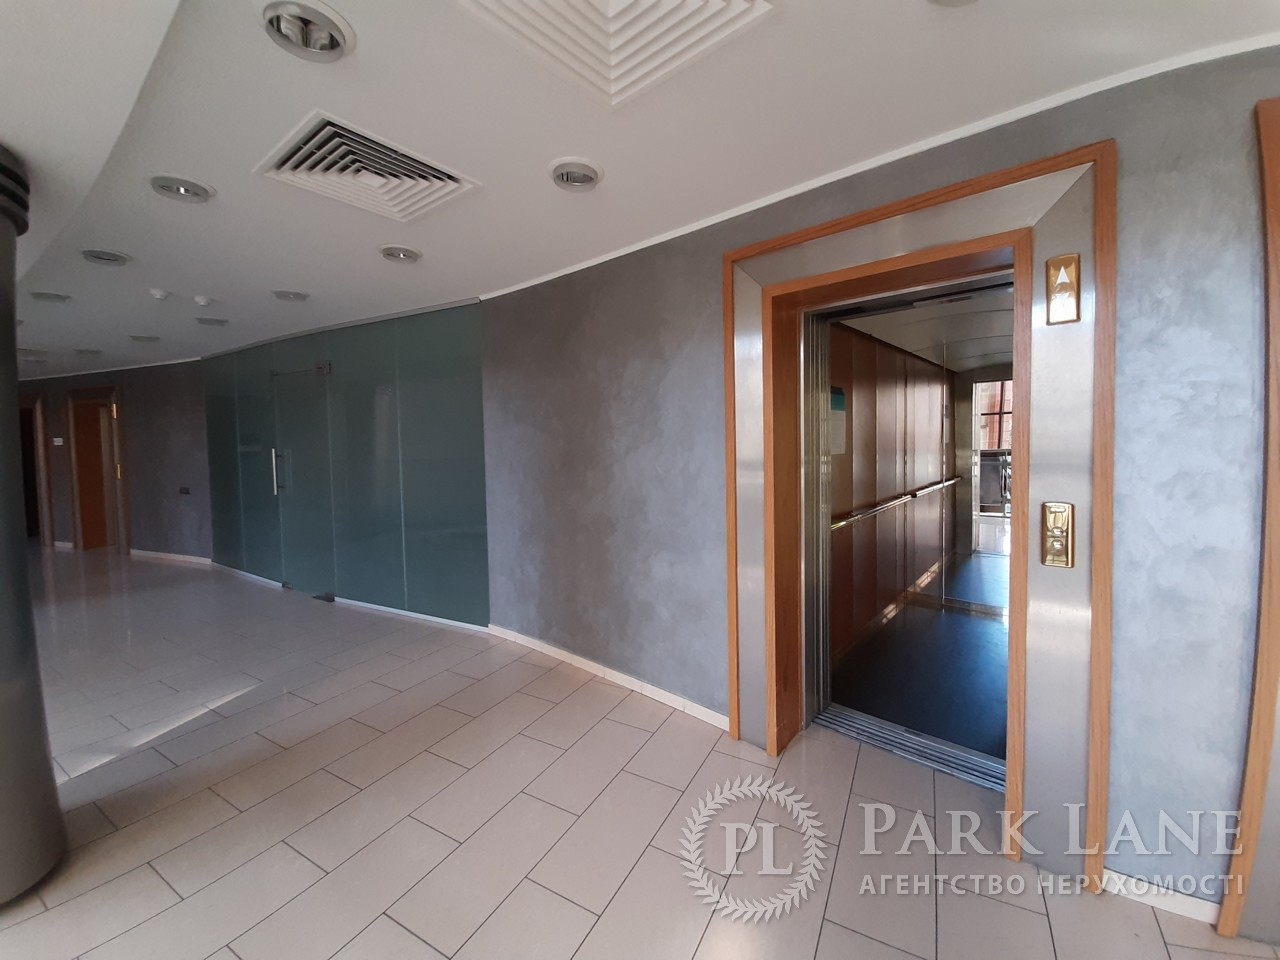 Нежилое помещение, ул. Дмитриевская, Киев, N-22361 - Фото 20